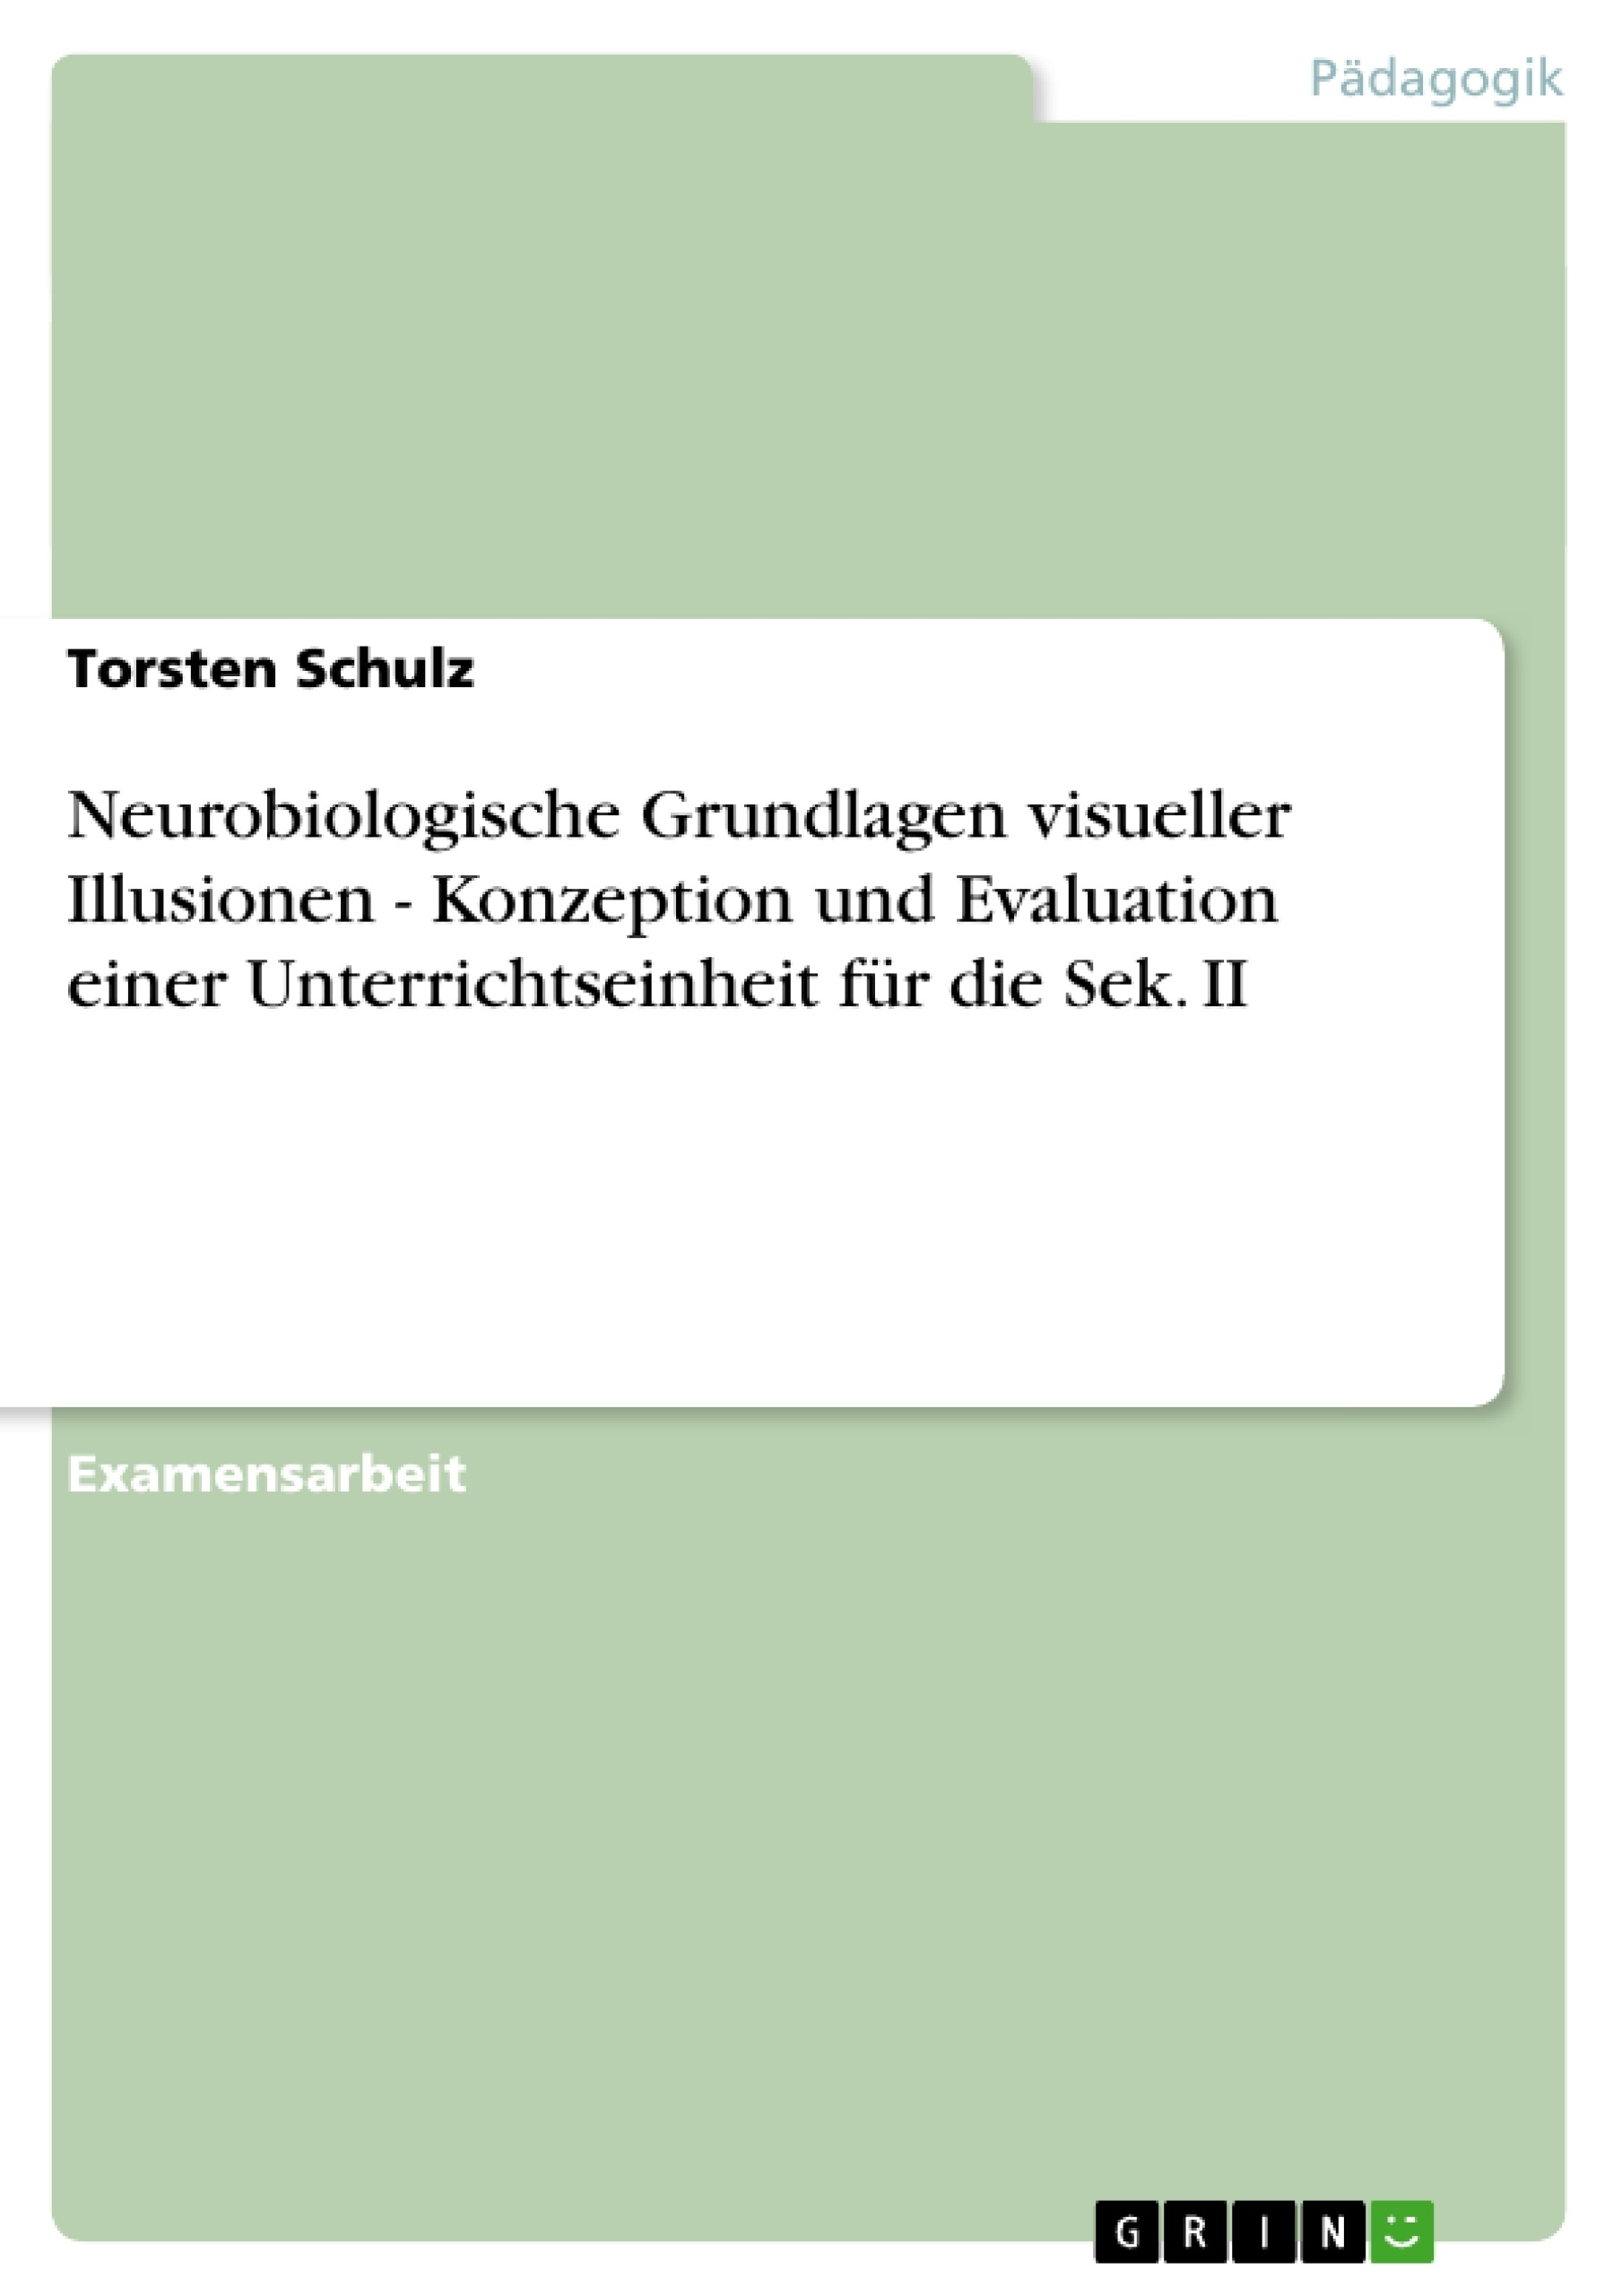 Neurobiologische Grundlagen visueller Illusionen - Konzeption und ...